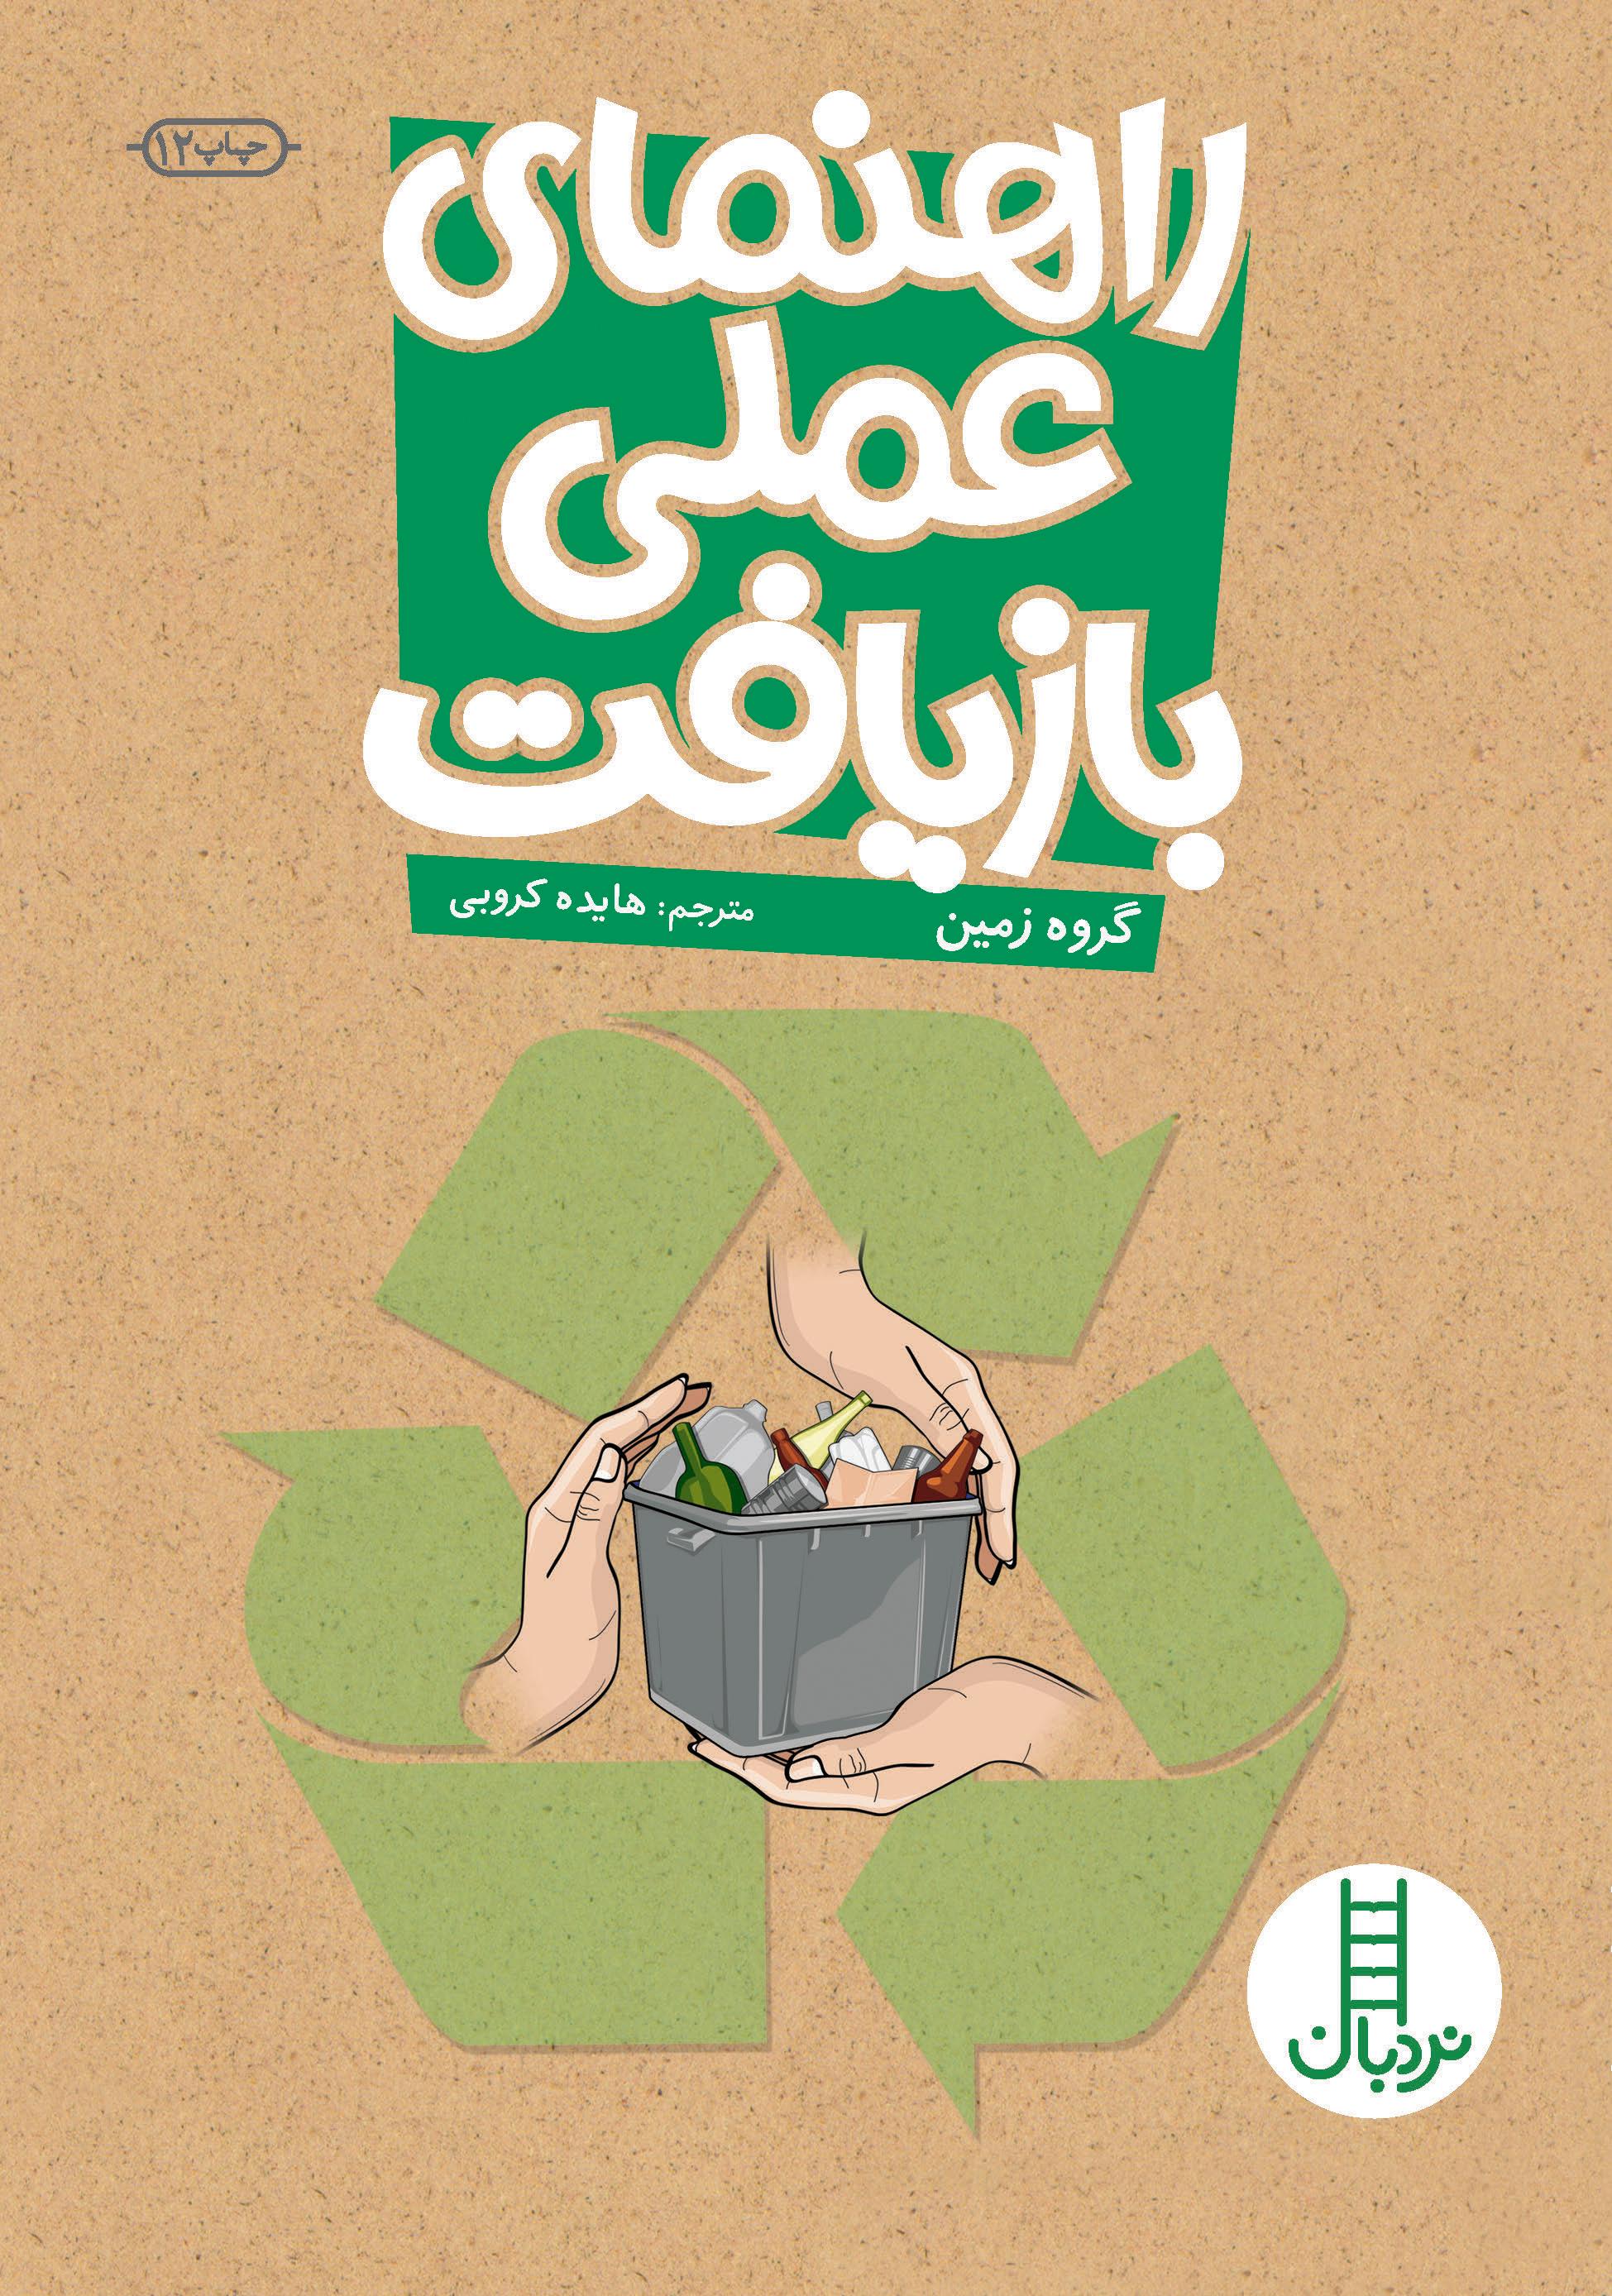 راهنمای عملی بازیافت